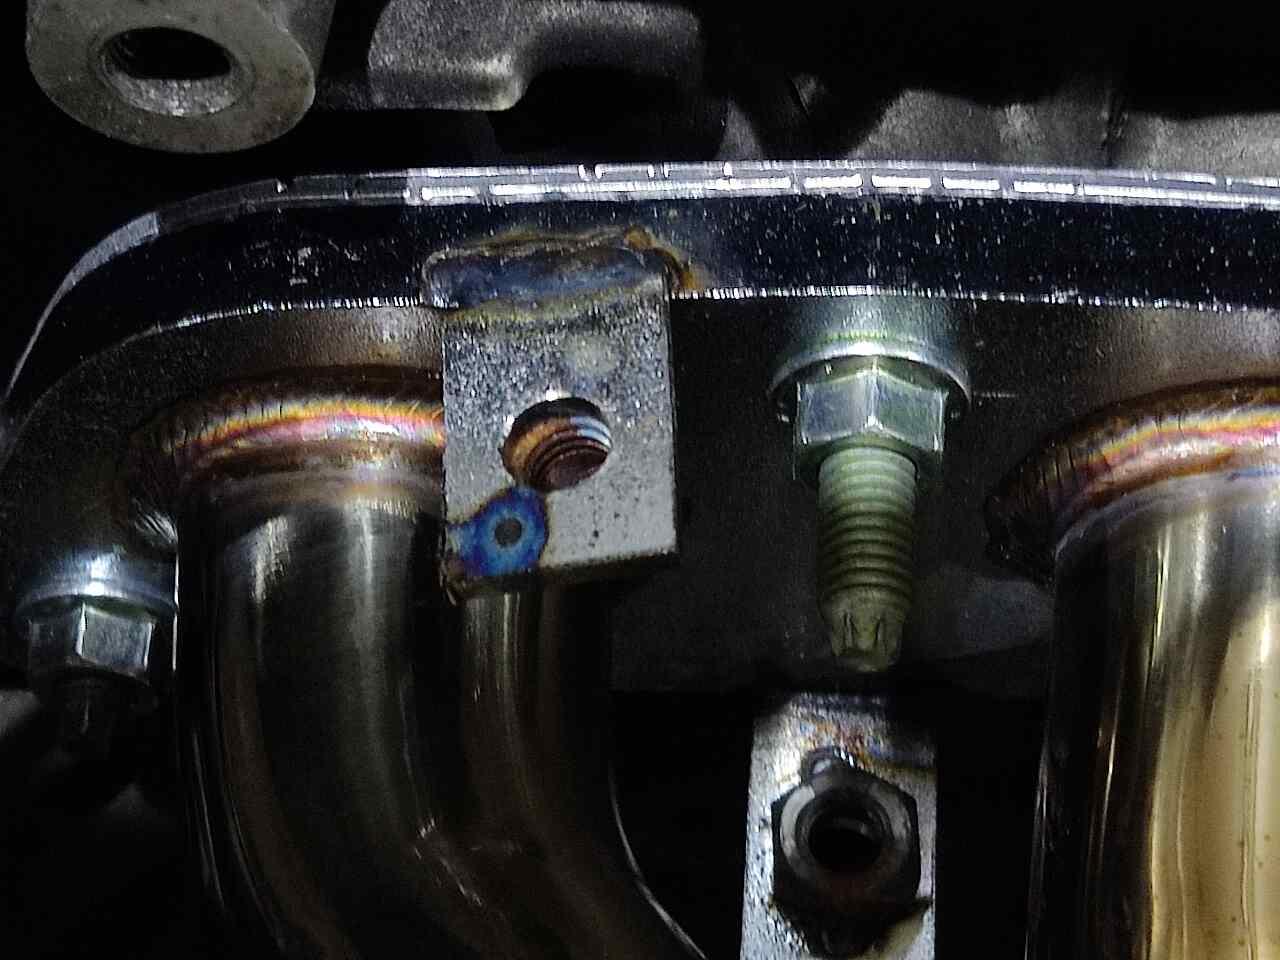 エキマニボルト破損とガス漏れ(対策-実践篇)